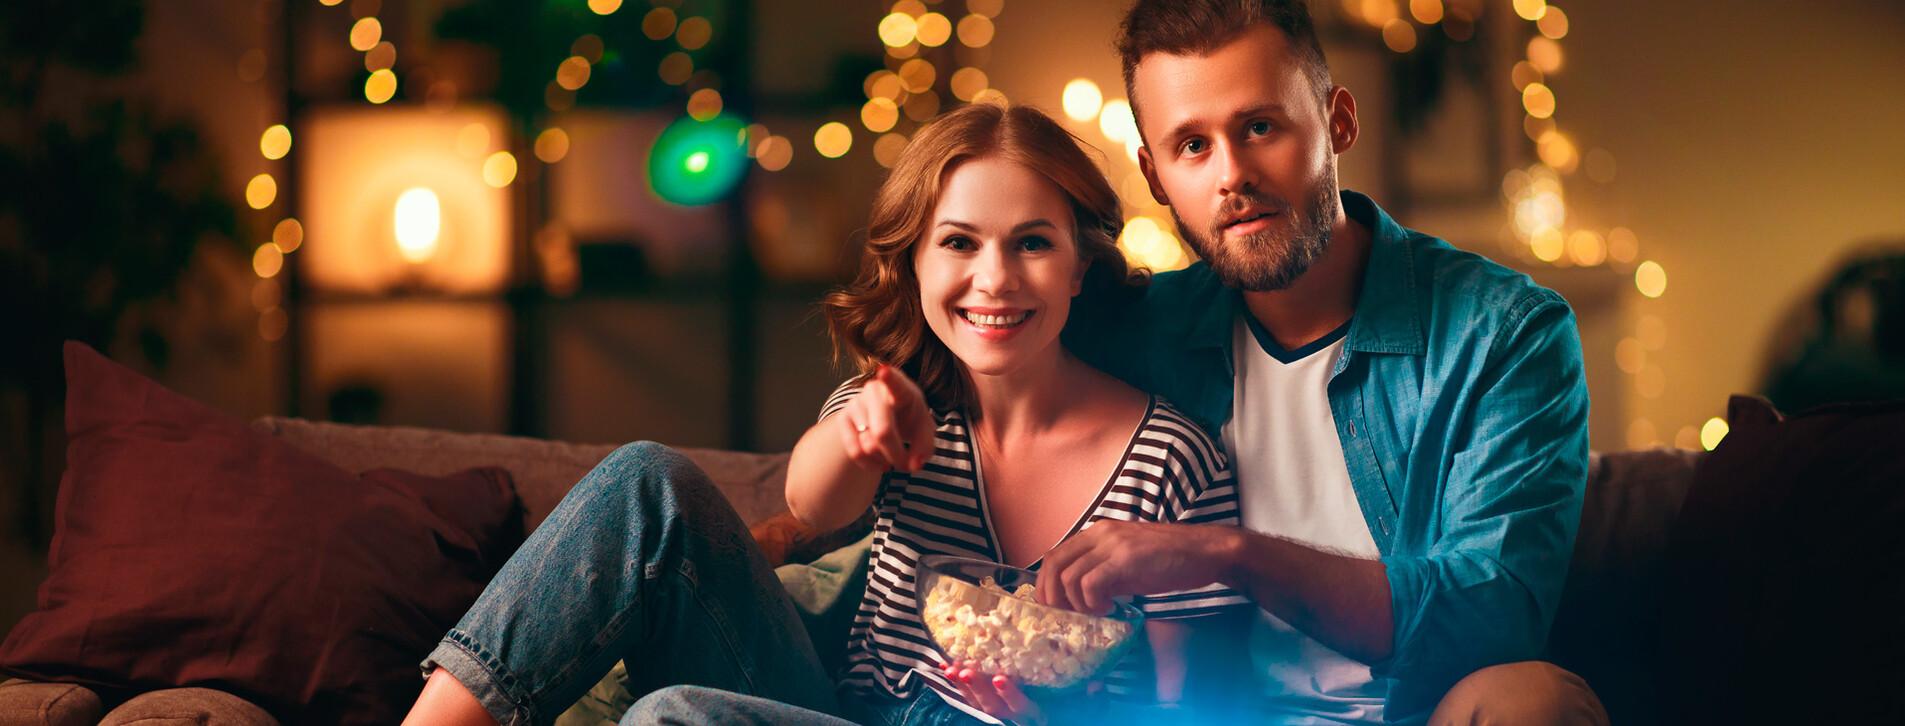 Fotoğraf 1 - İki Kişi için Romantik Sinema Keyfi